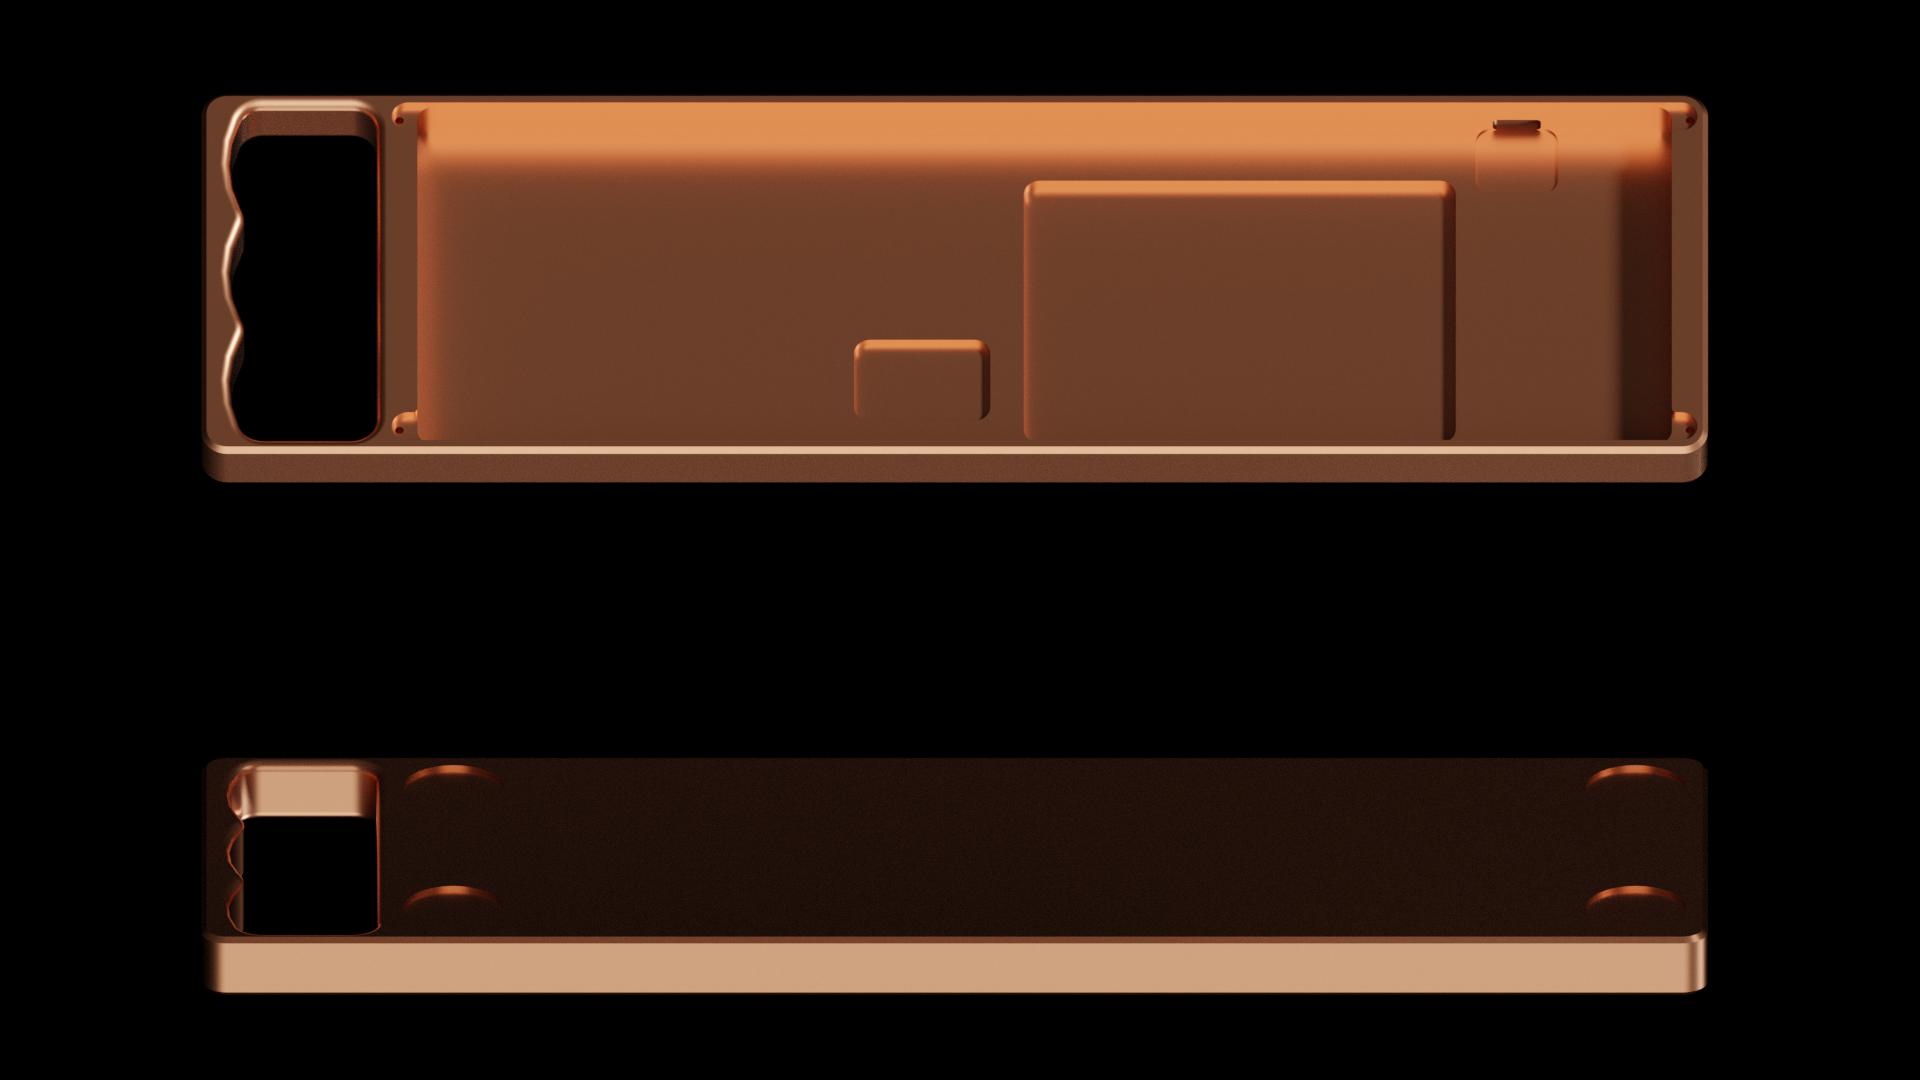 Render of Copper KnuckHull